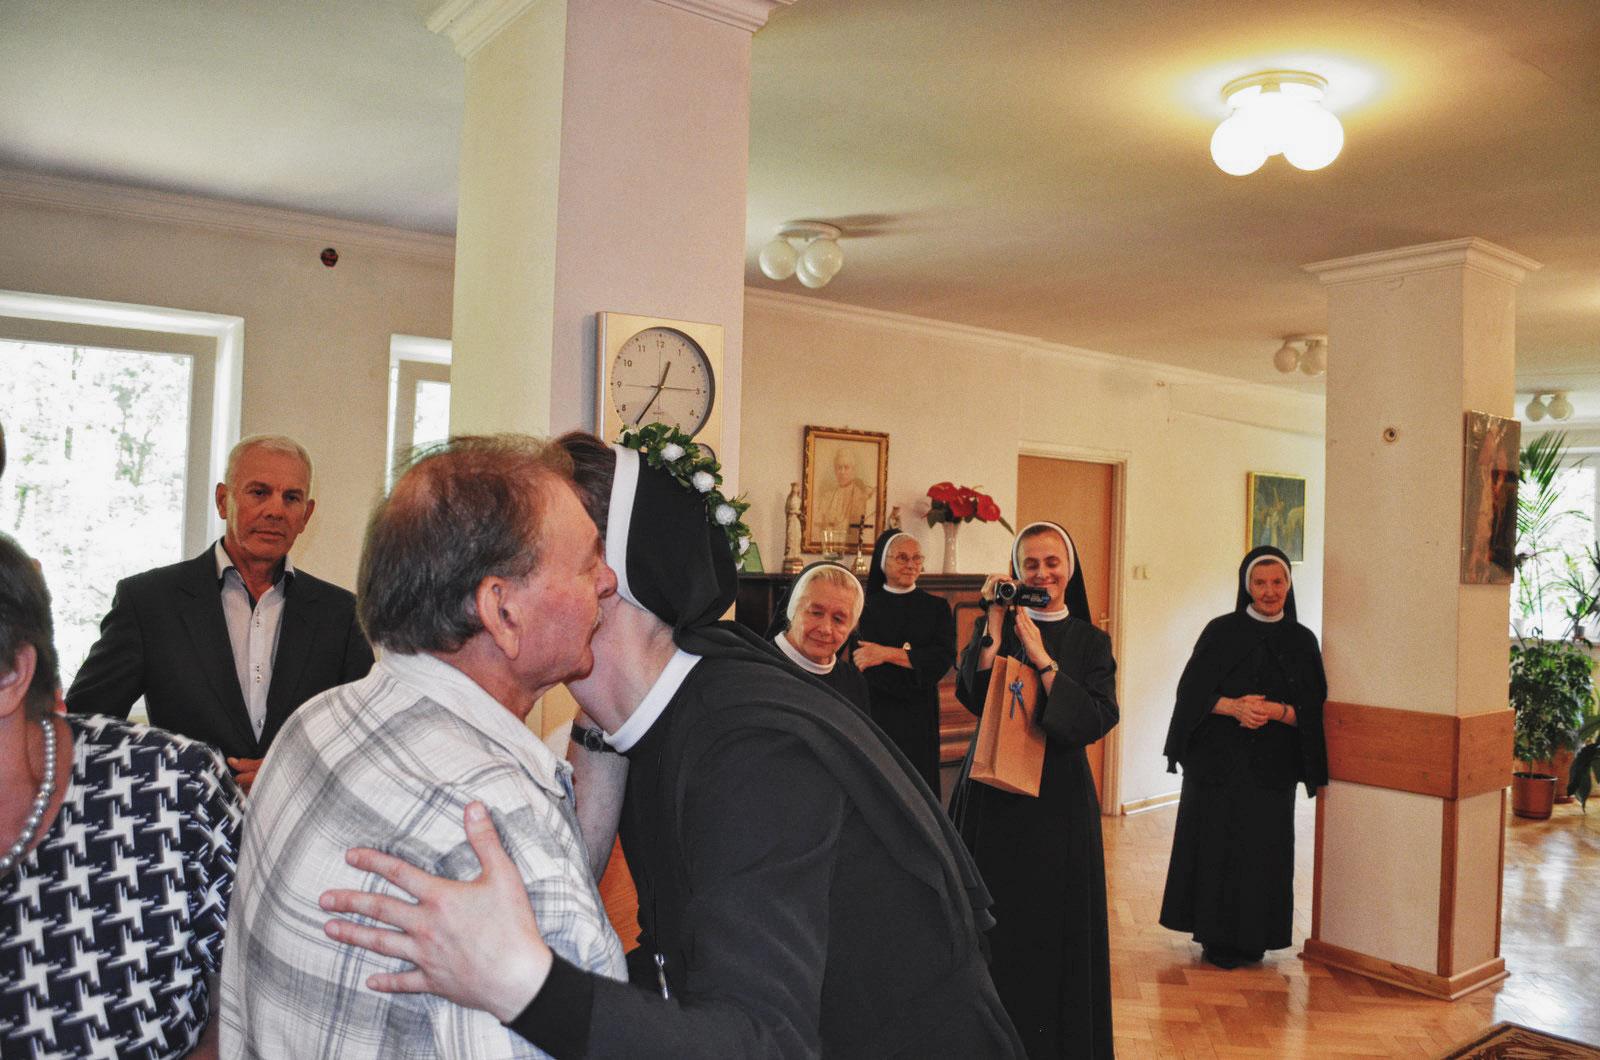 Sióstr_św_Elżbiety-Pierwsze_Śluby_fotorelacja-I-SLUBY-DSC_0630-min.jpg